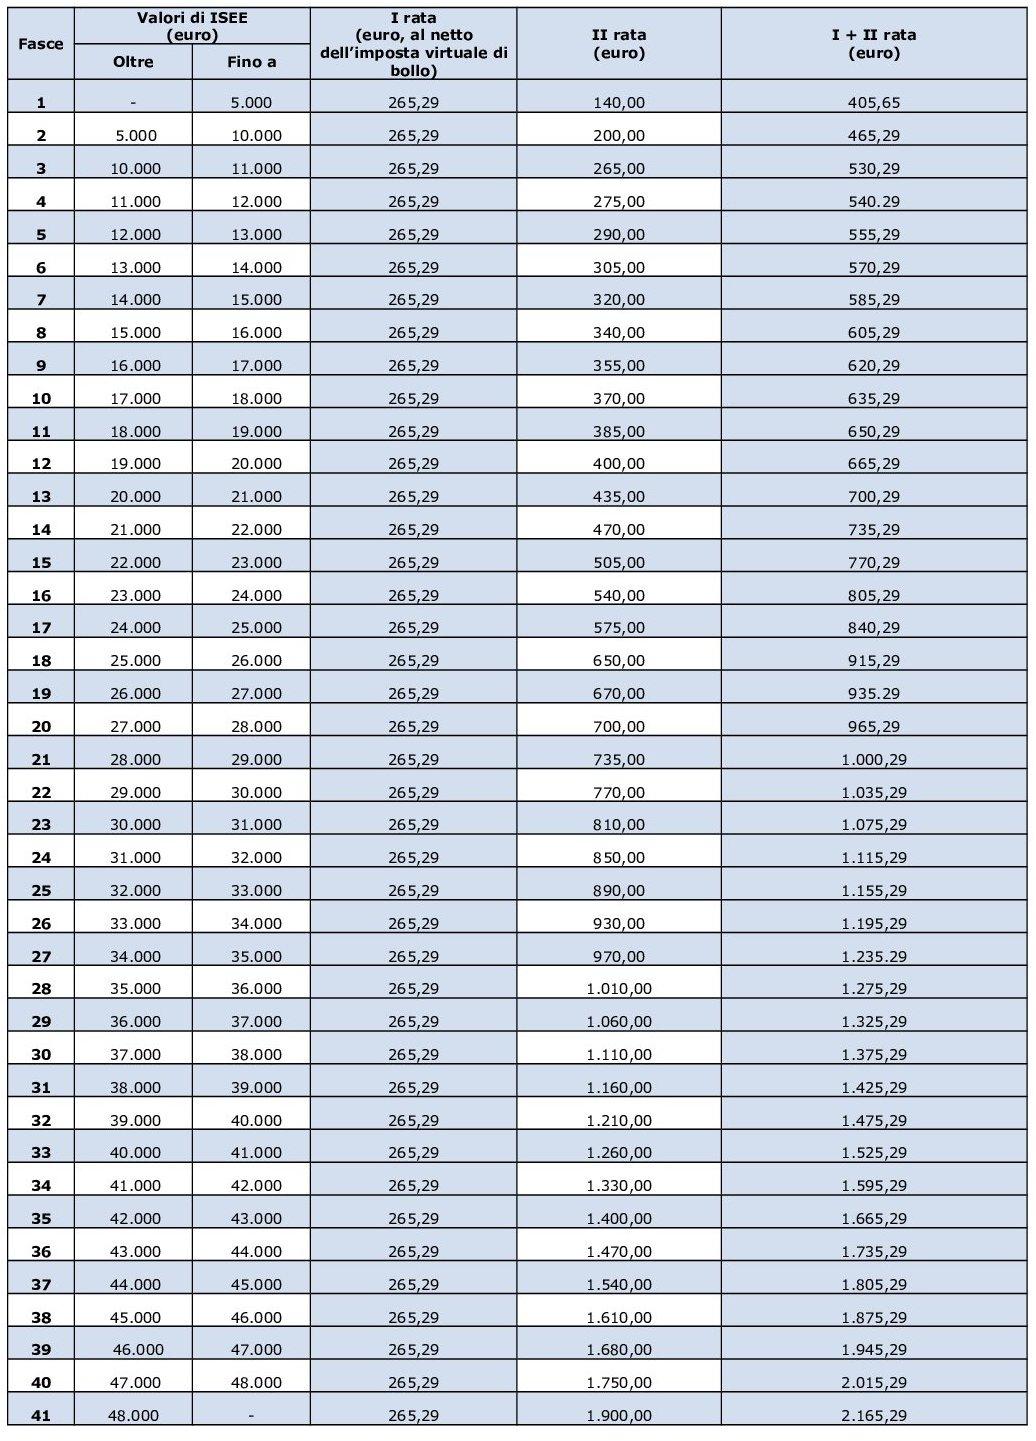 Tasse E Contributi Unige Numero : Universit? degli studi mediterranea tasse e contributi